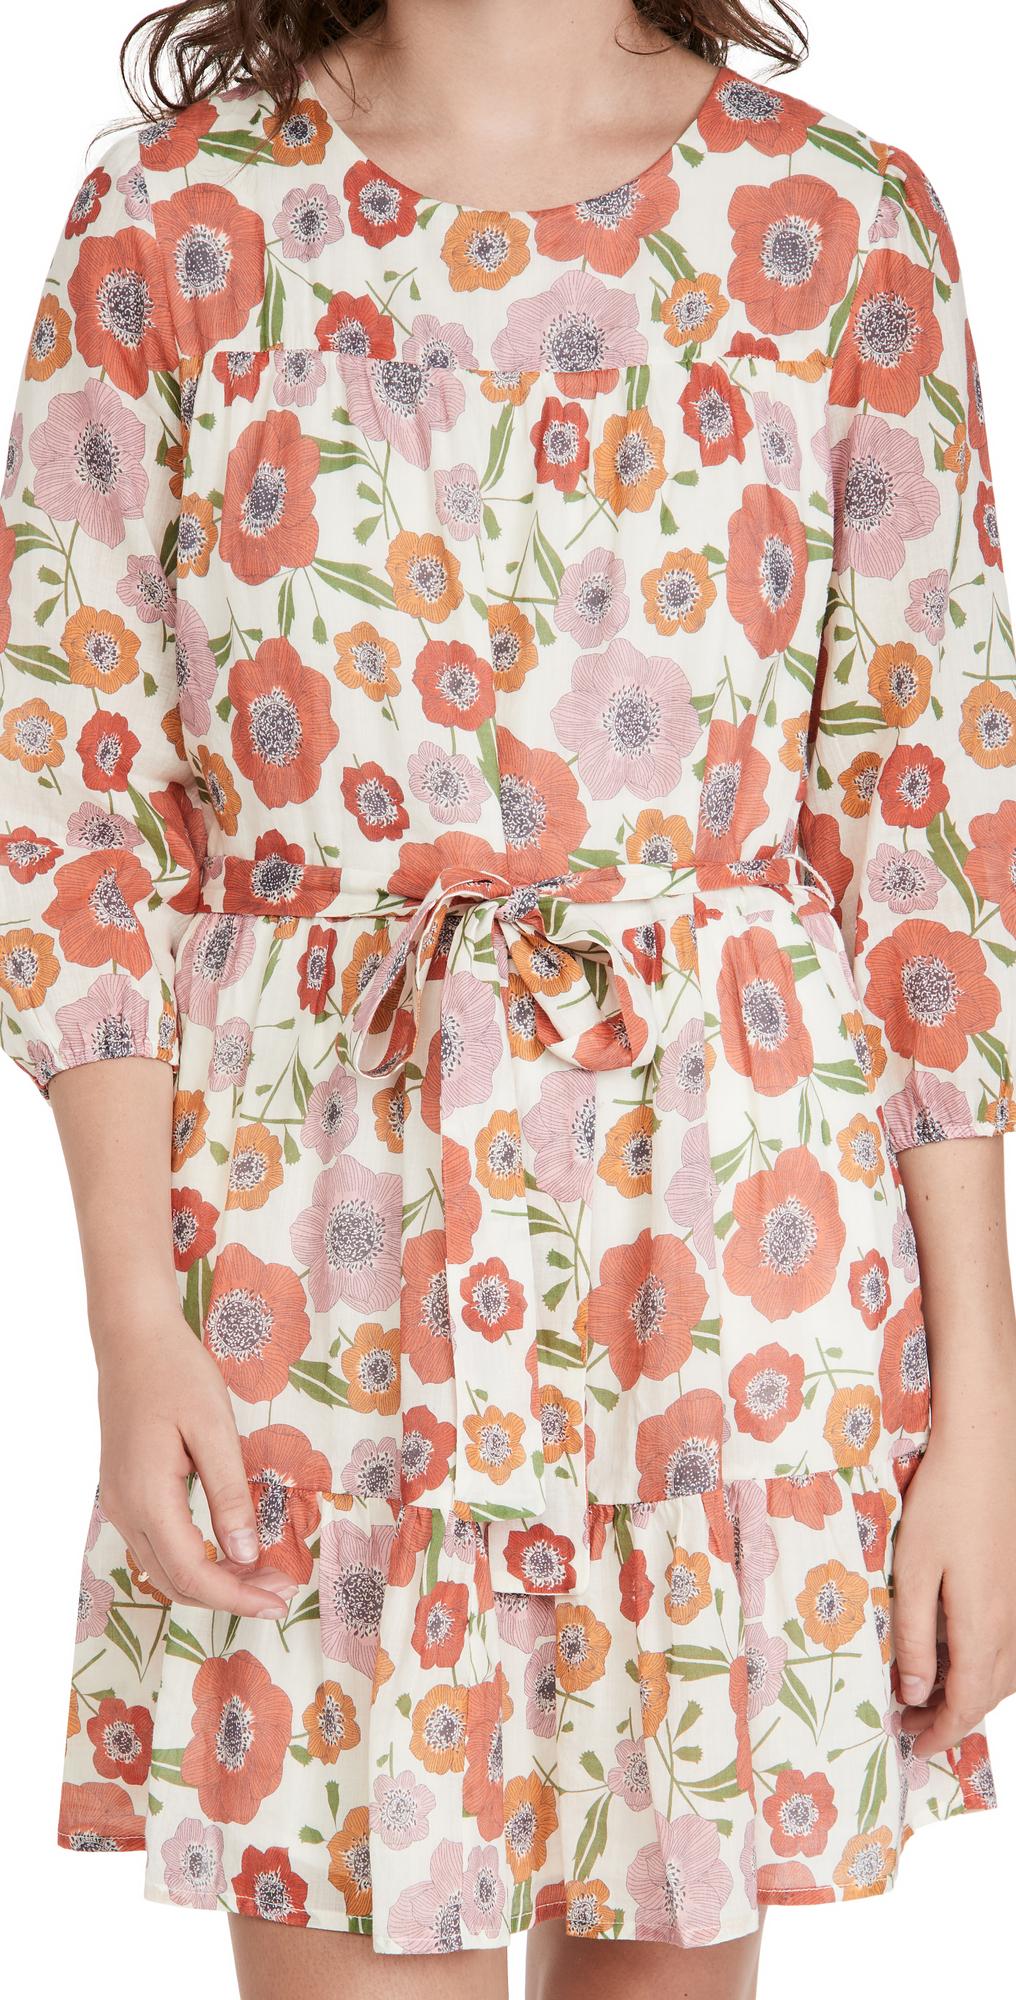 Poppy Print Nia Dress